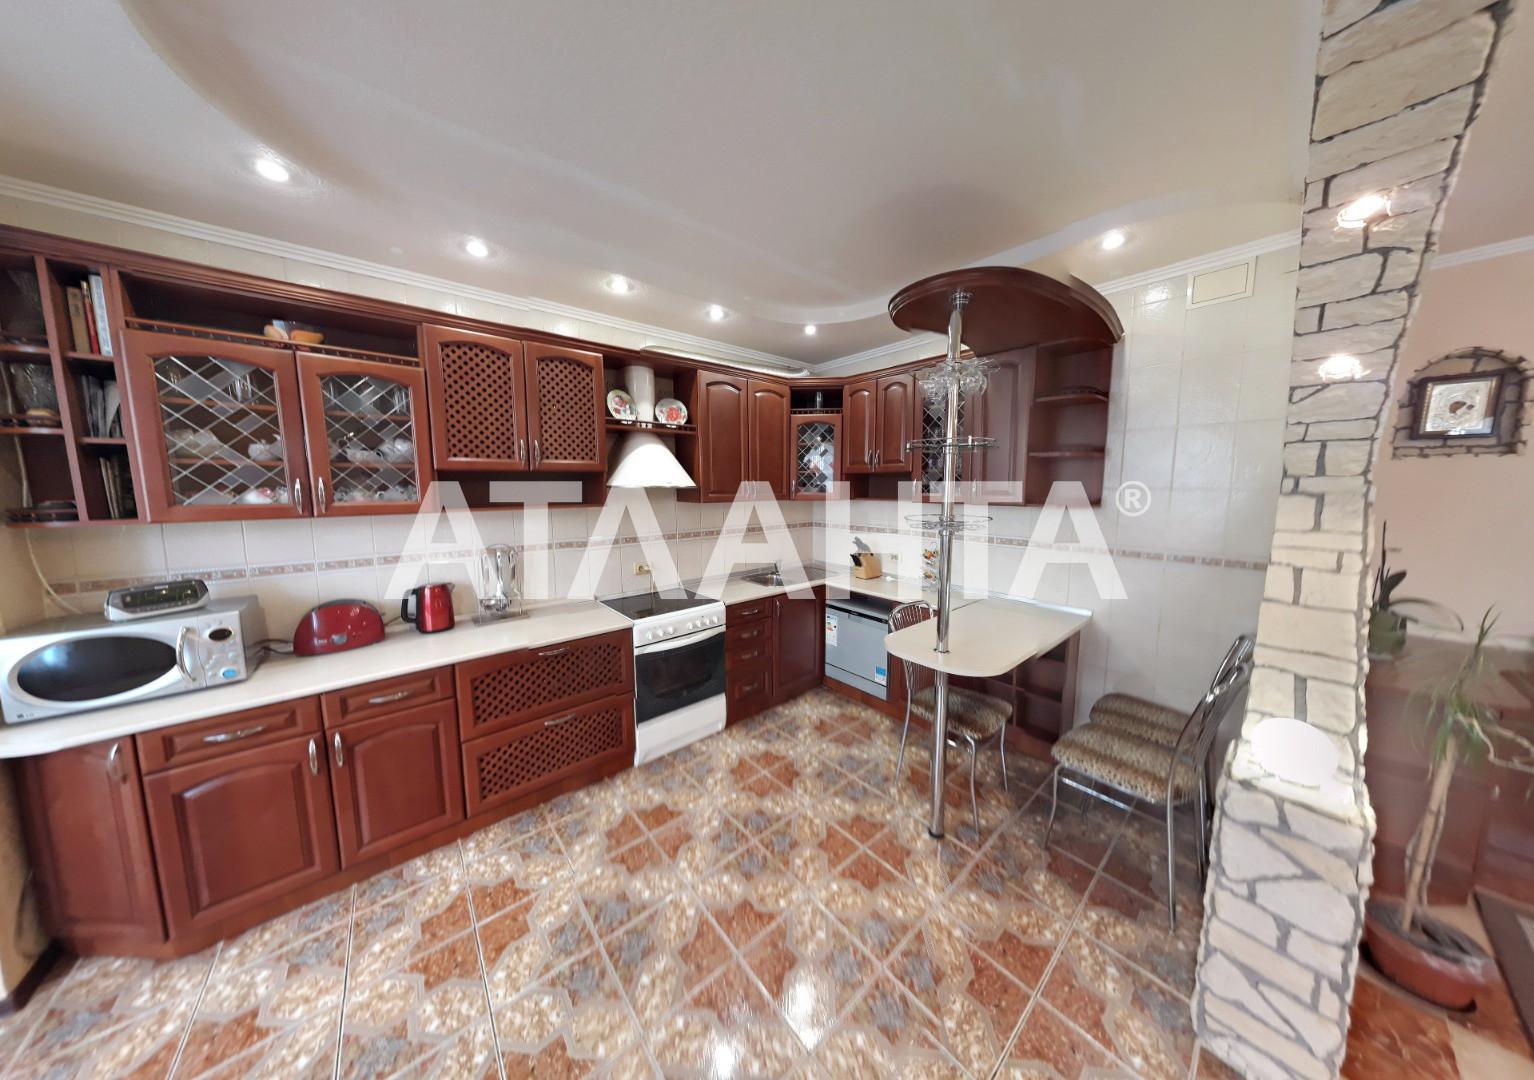 Продается 3-комнатная Квартира на ул. Ул. Вильямса — 90 000 у.е. (фото №4)